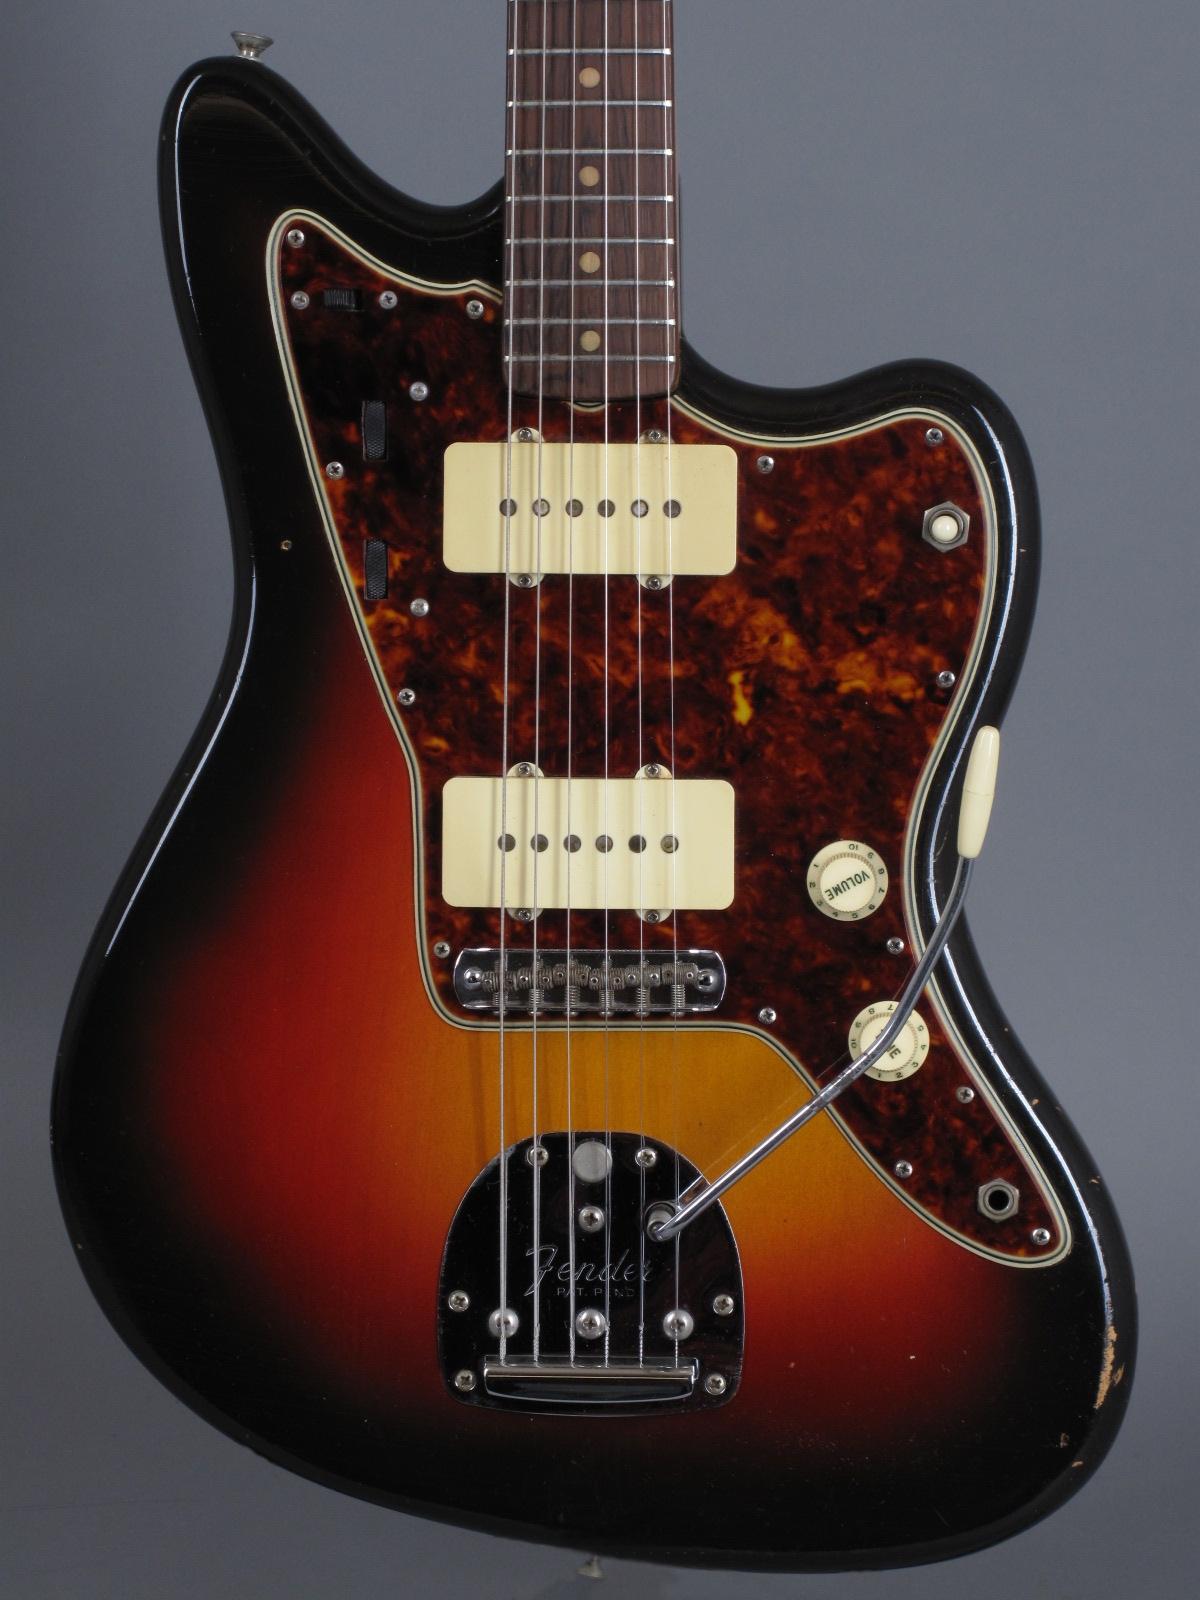 1961 Fender Jazzmaster - 3-tone Sunburst ...clean!!!